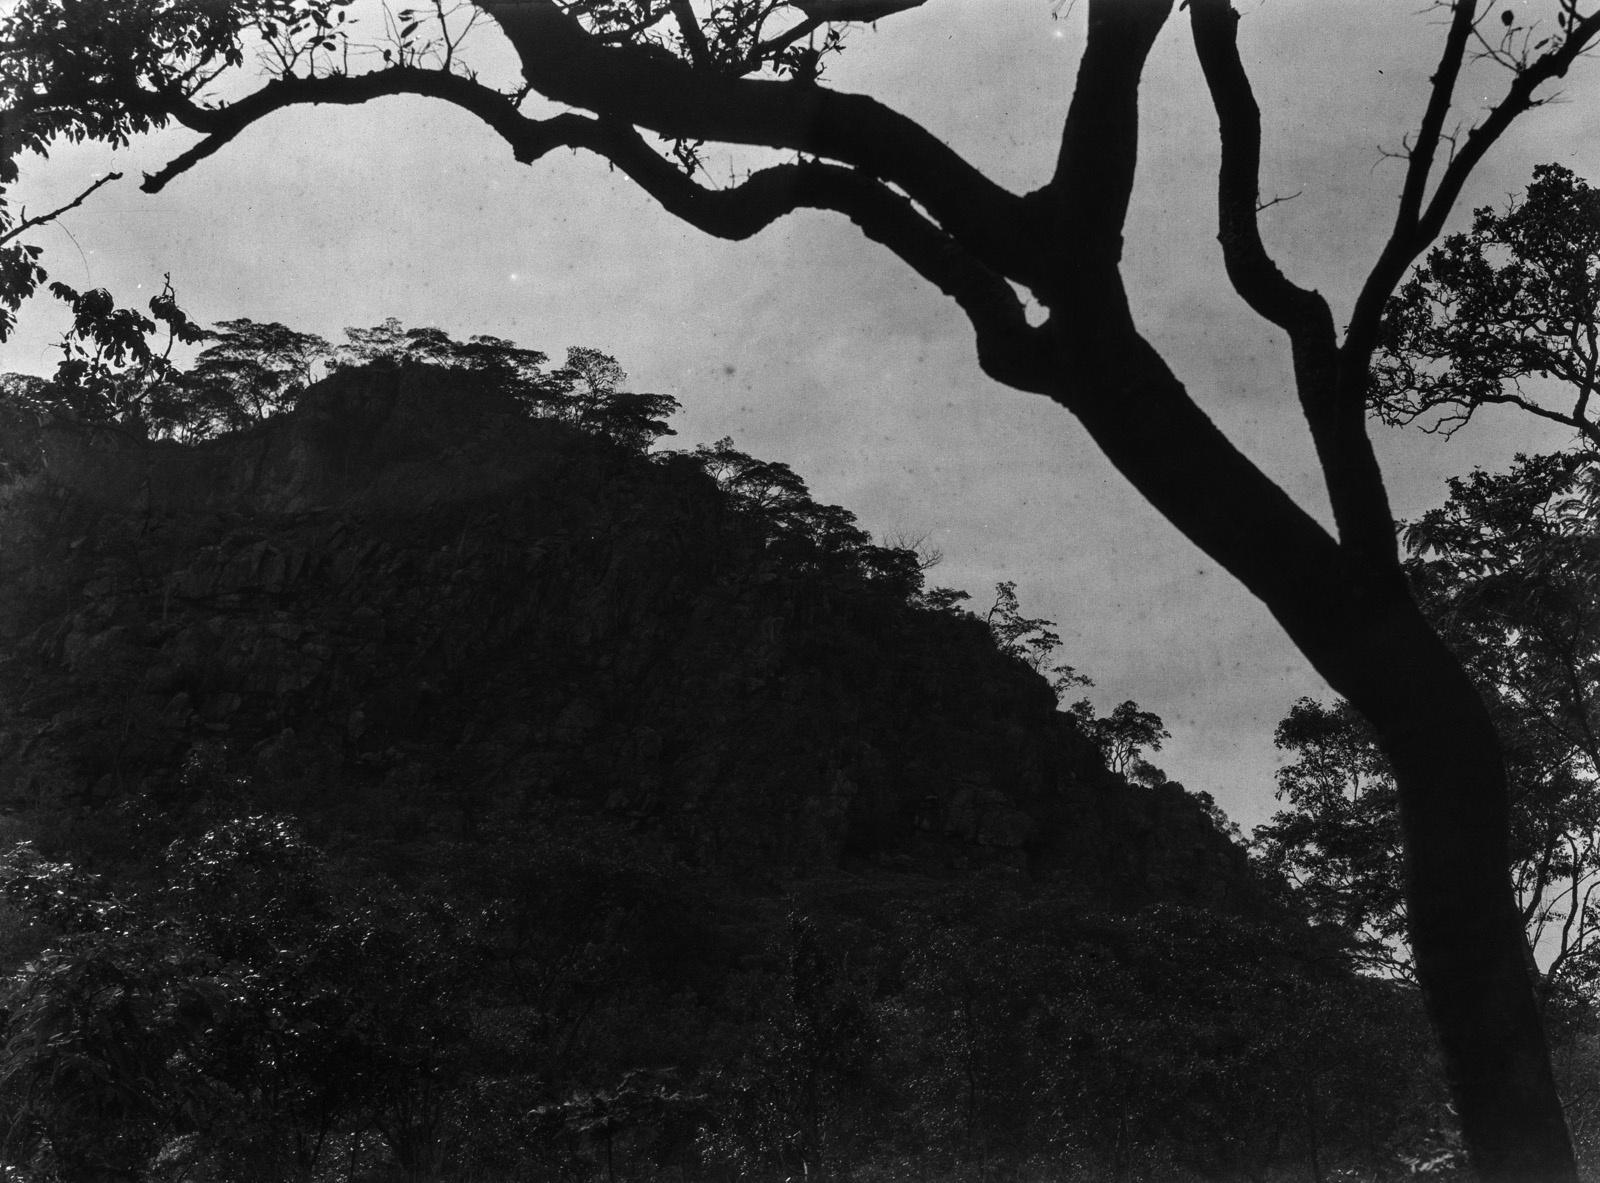 Капири-Мпоши. Вид кварцитной породы, подверженной эрозии.